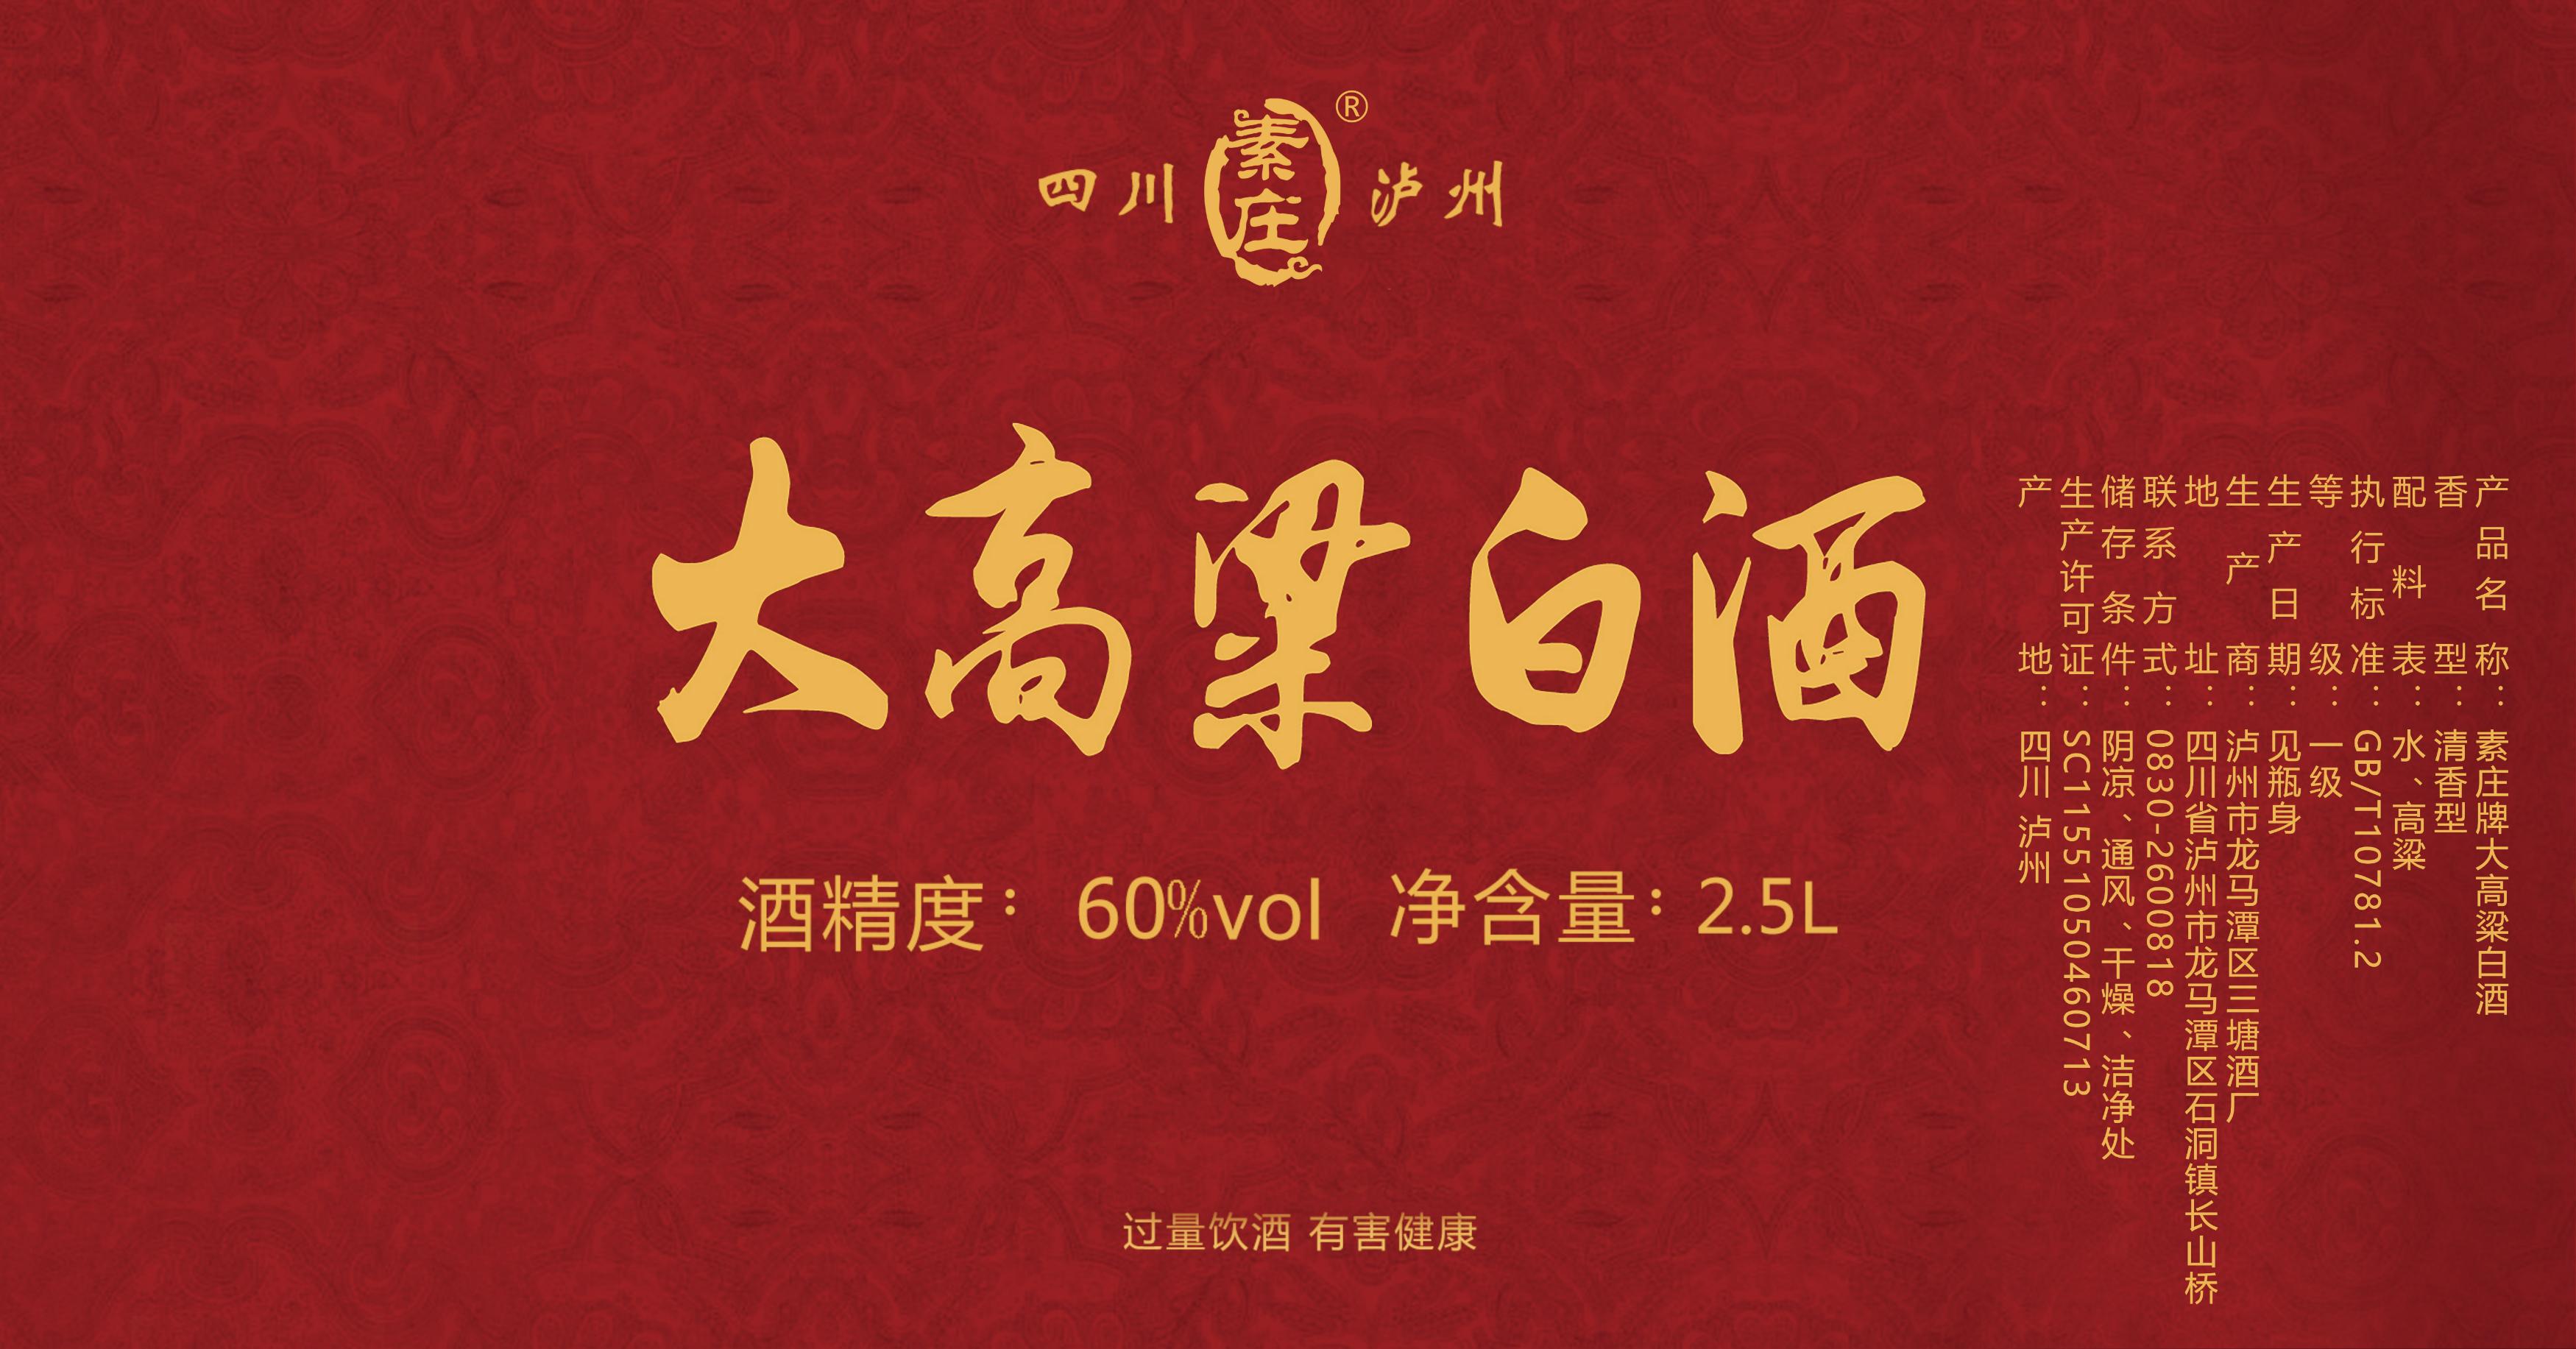 60度四川高粱纯粮食白酒自酿高度桶装散装原浆泡酒药酒专用二锅头